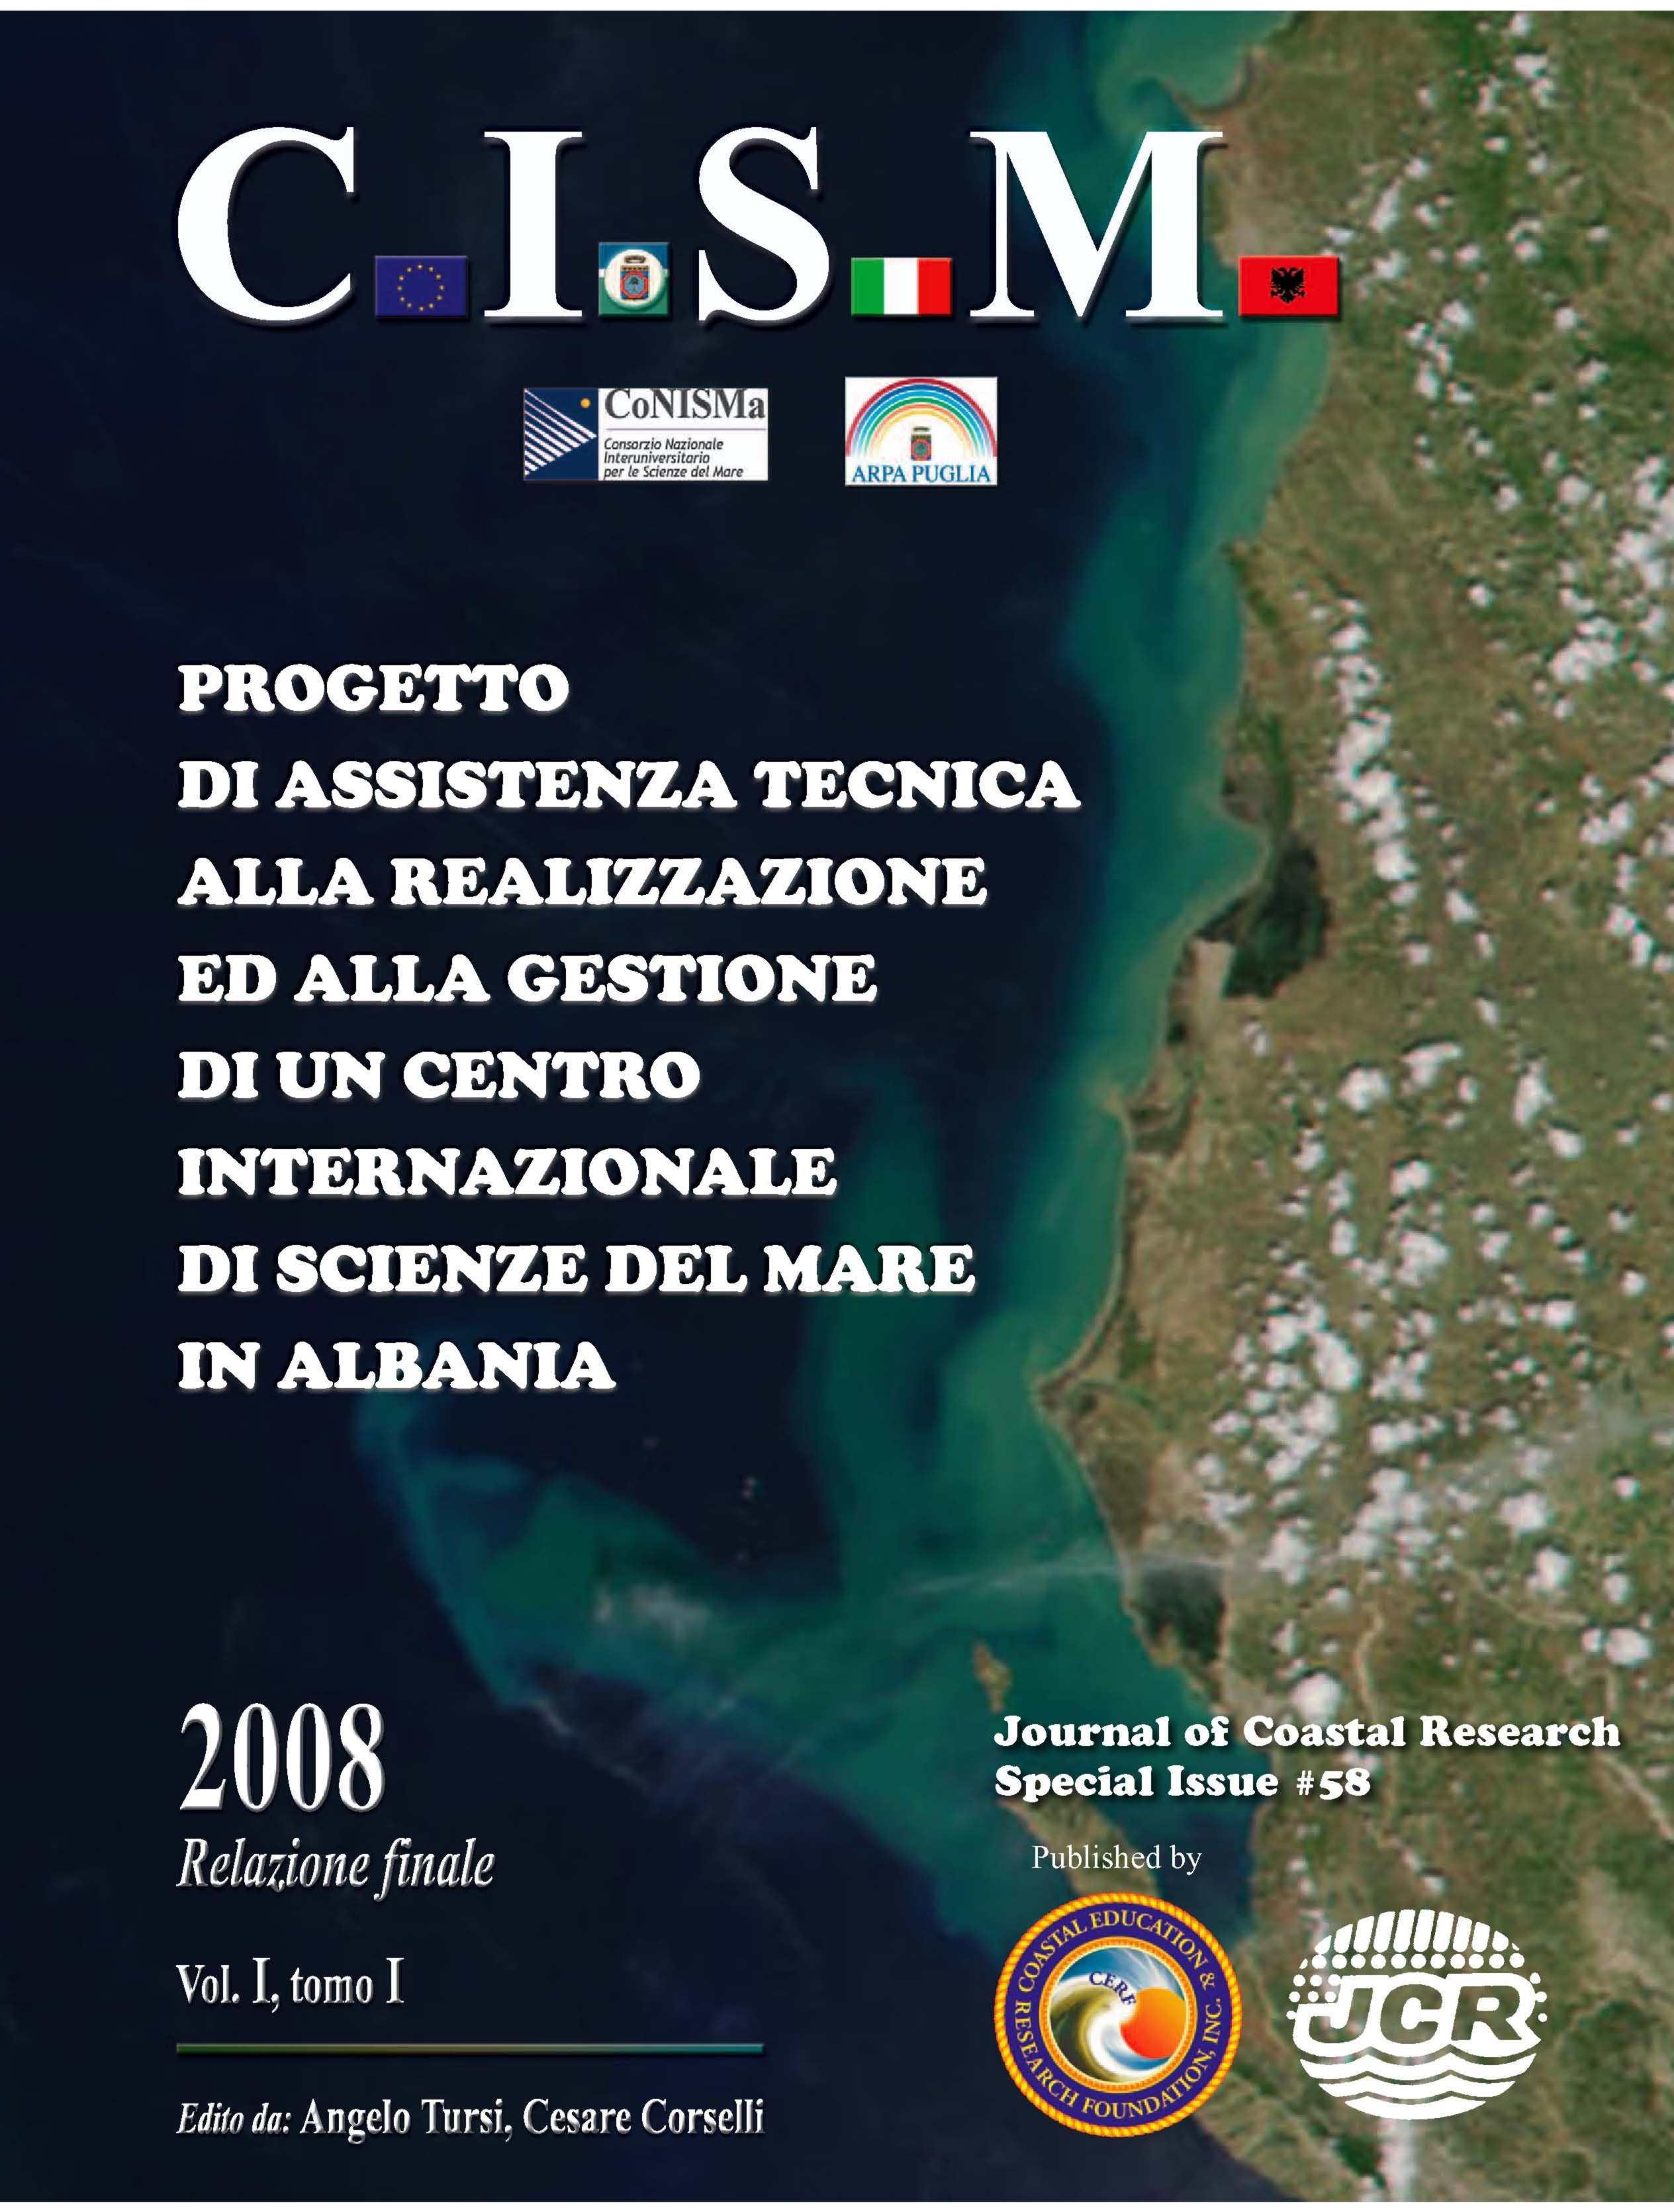 Progetto C.I.S.M.